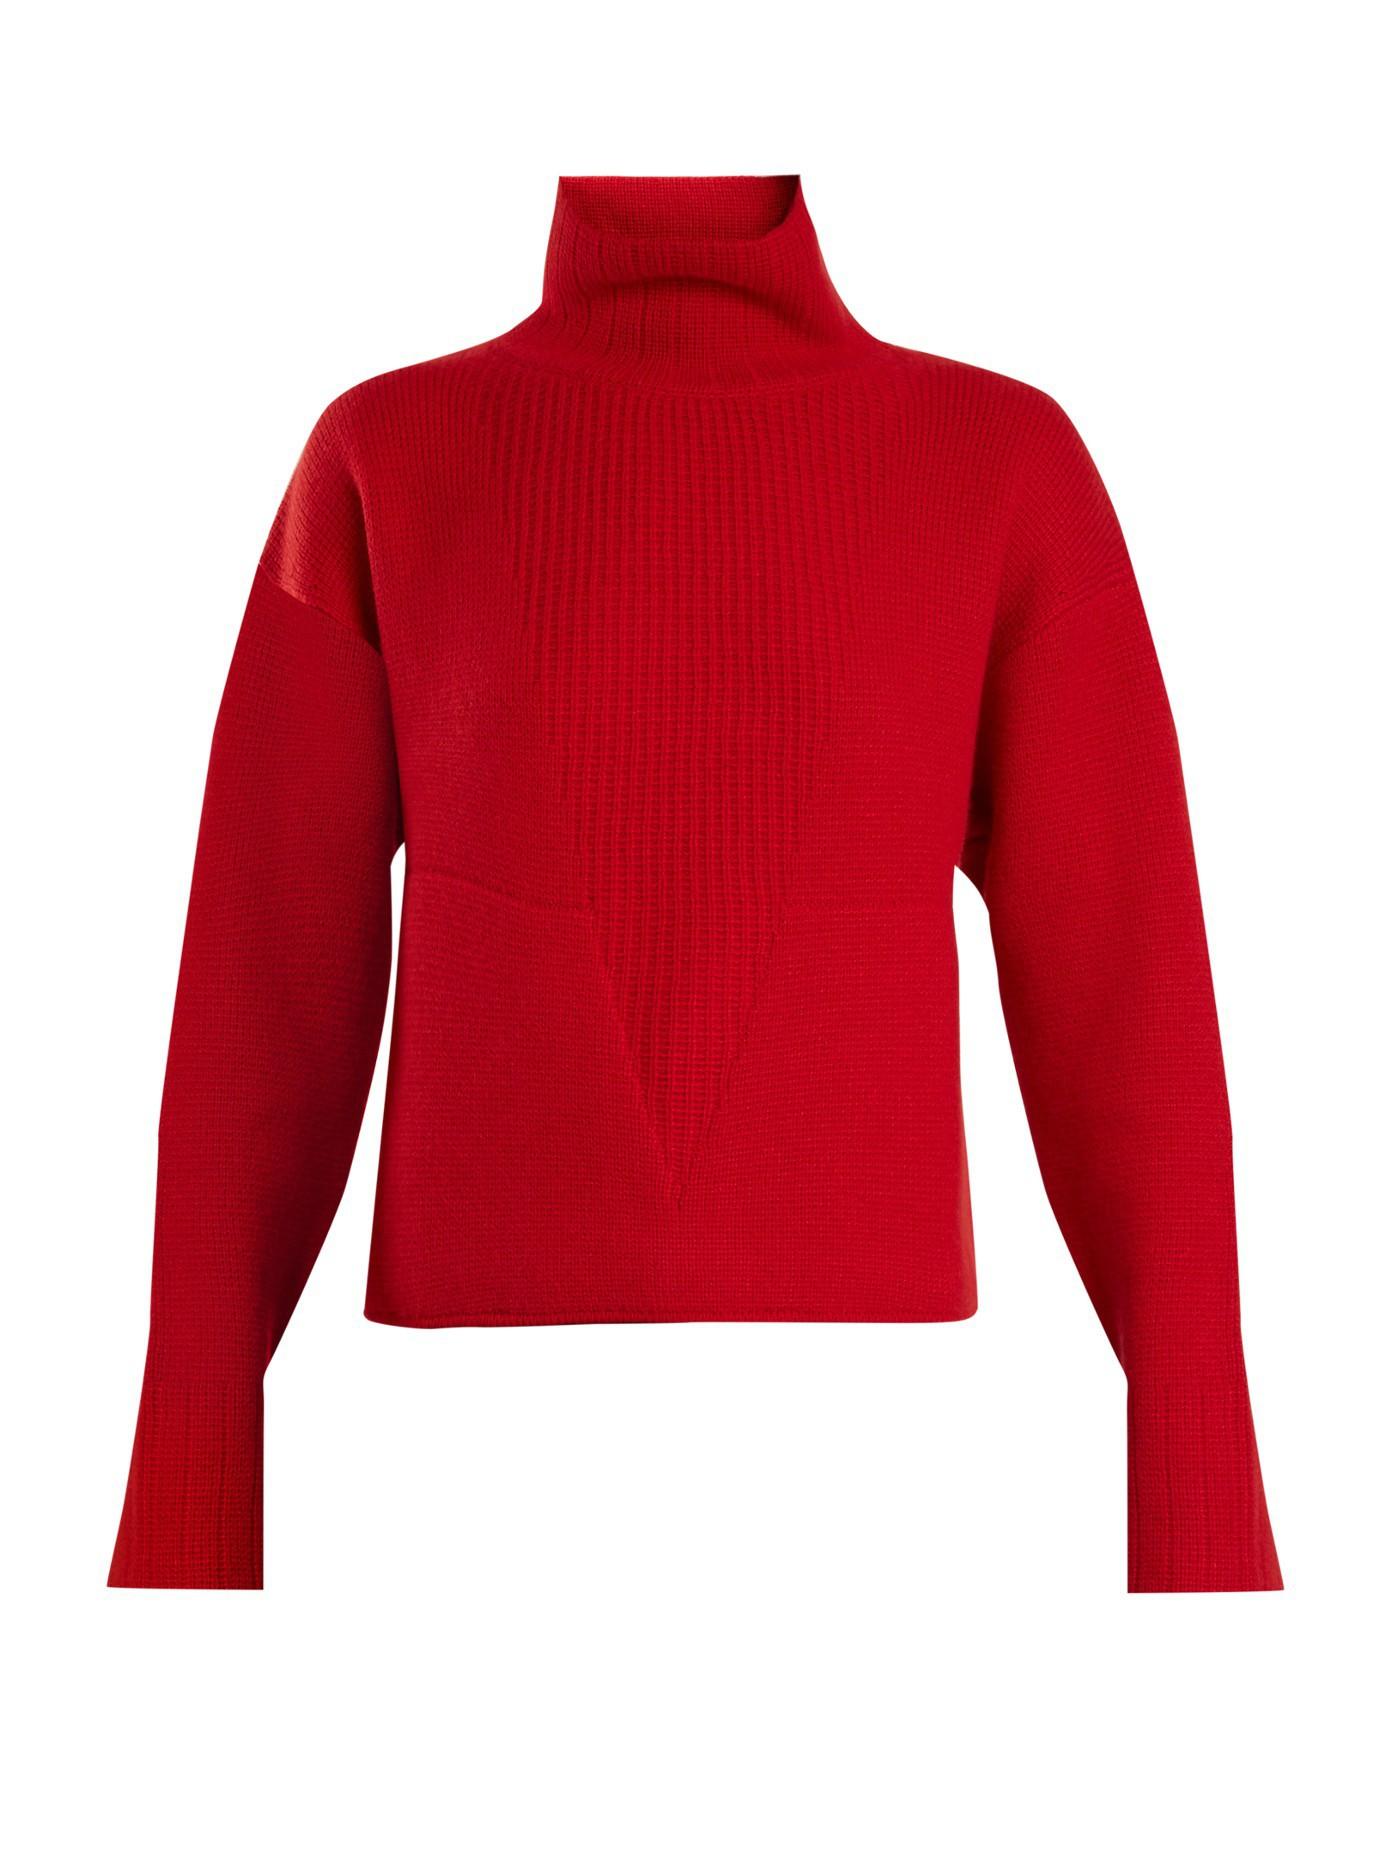 Chyriu high-neck cashmere sweater